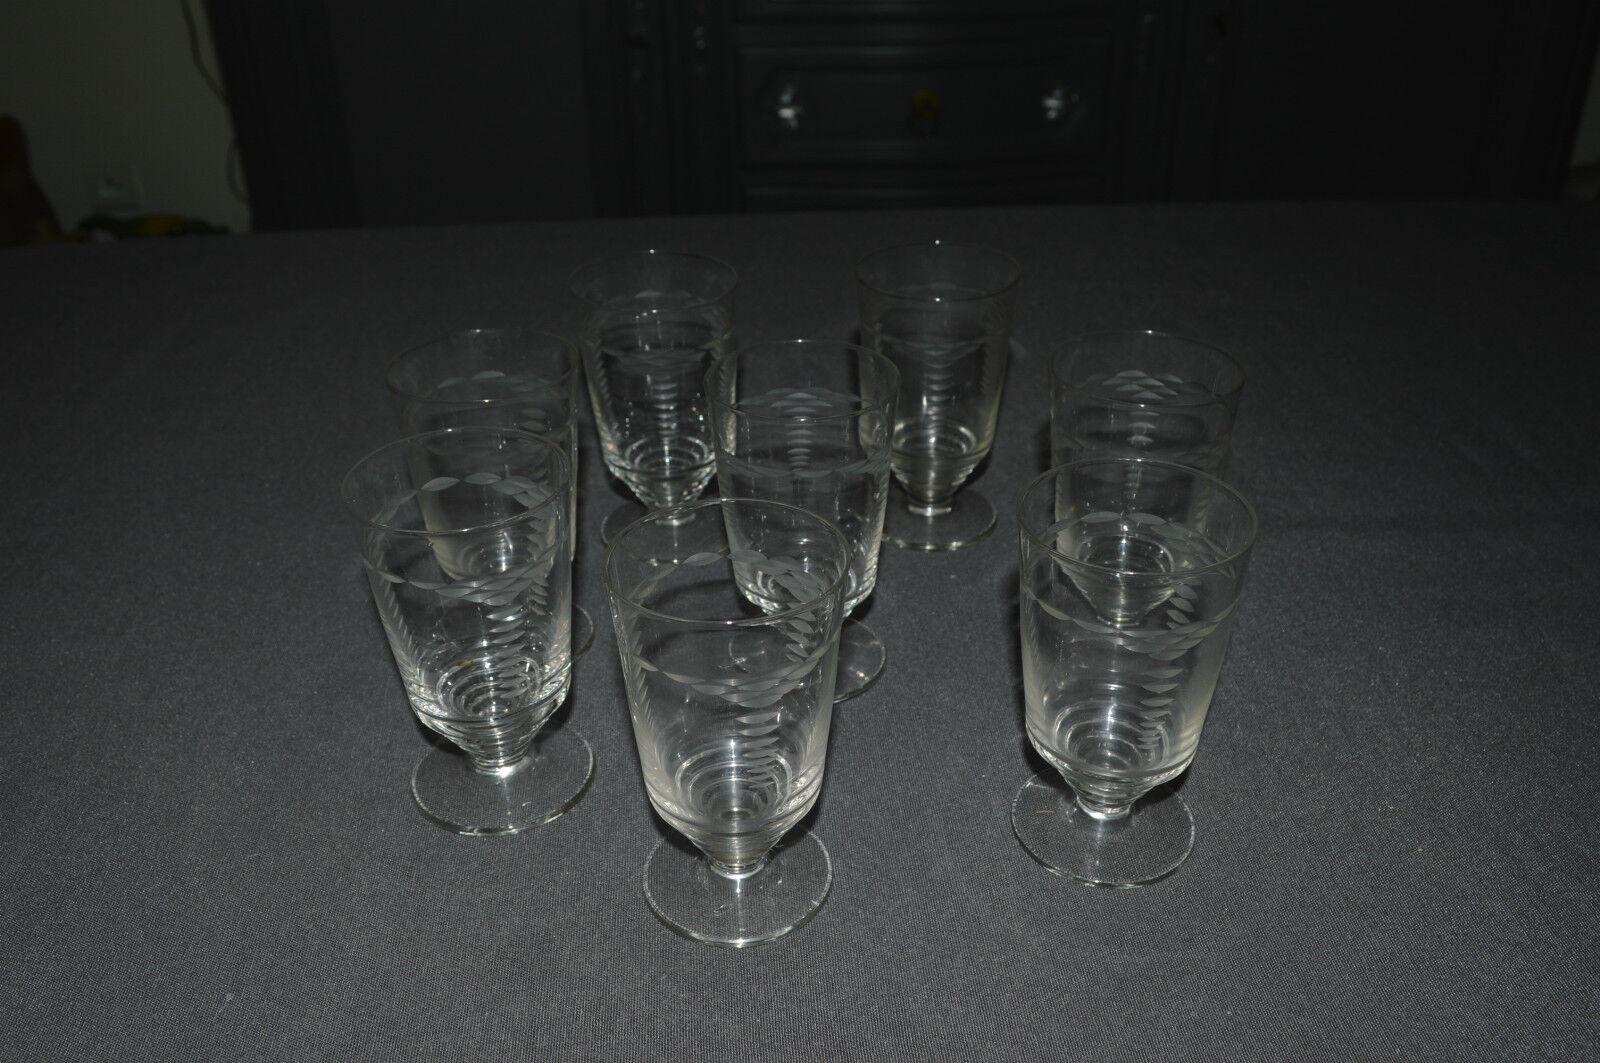 8 GLÄSER ANTIK WEIN- WEIß AUS AUS AUS GLAS GEBLASENES GESCHLIFFEN   JAHRE 30   40 8a6f21